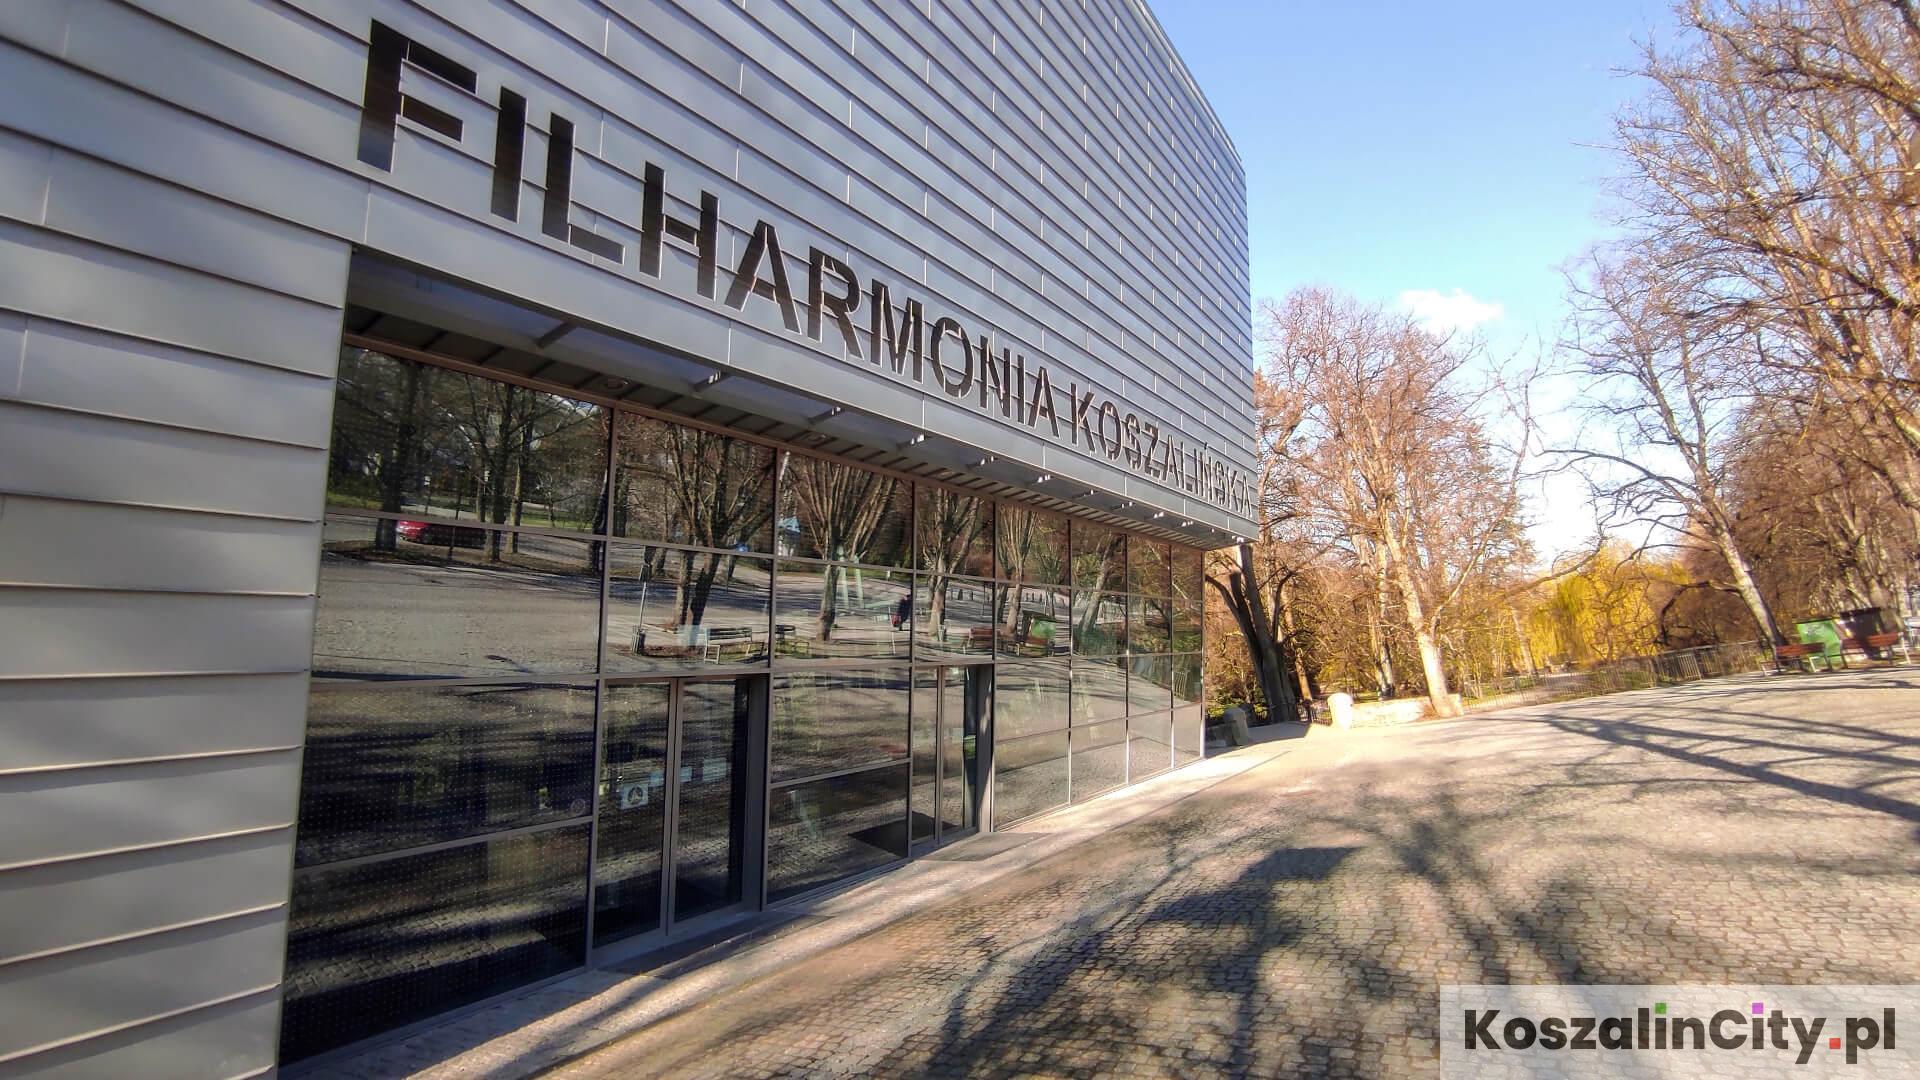 Wejście główne do Filharmonii w Koszalinie